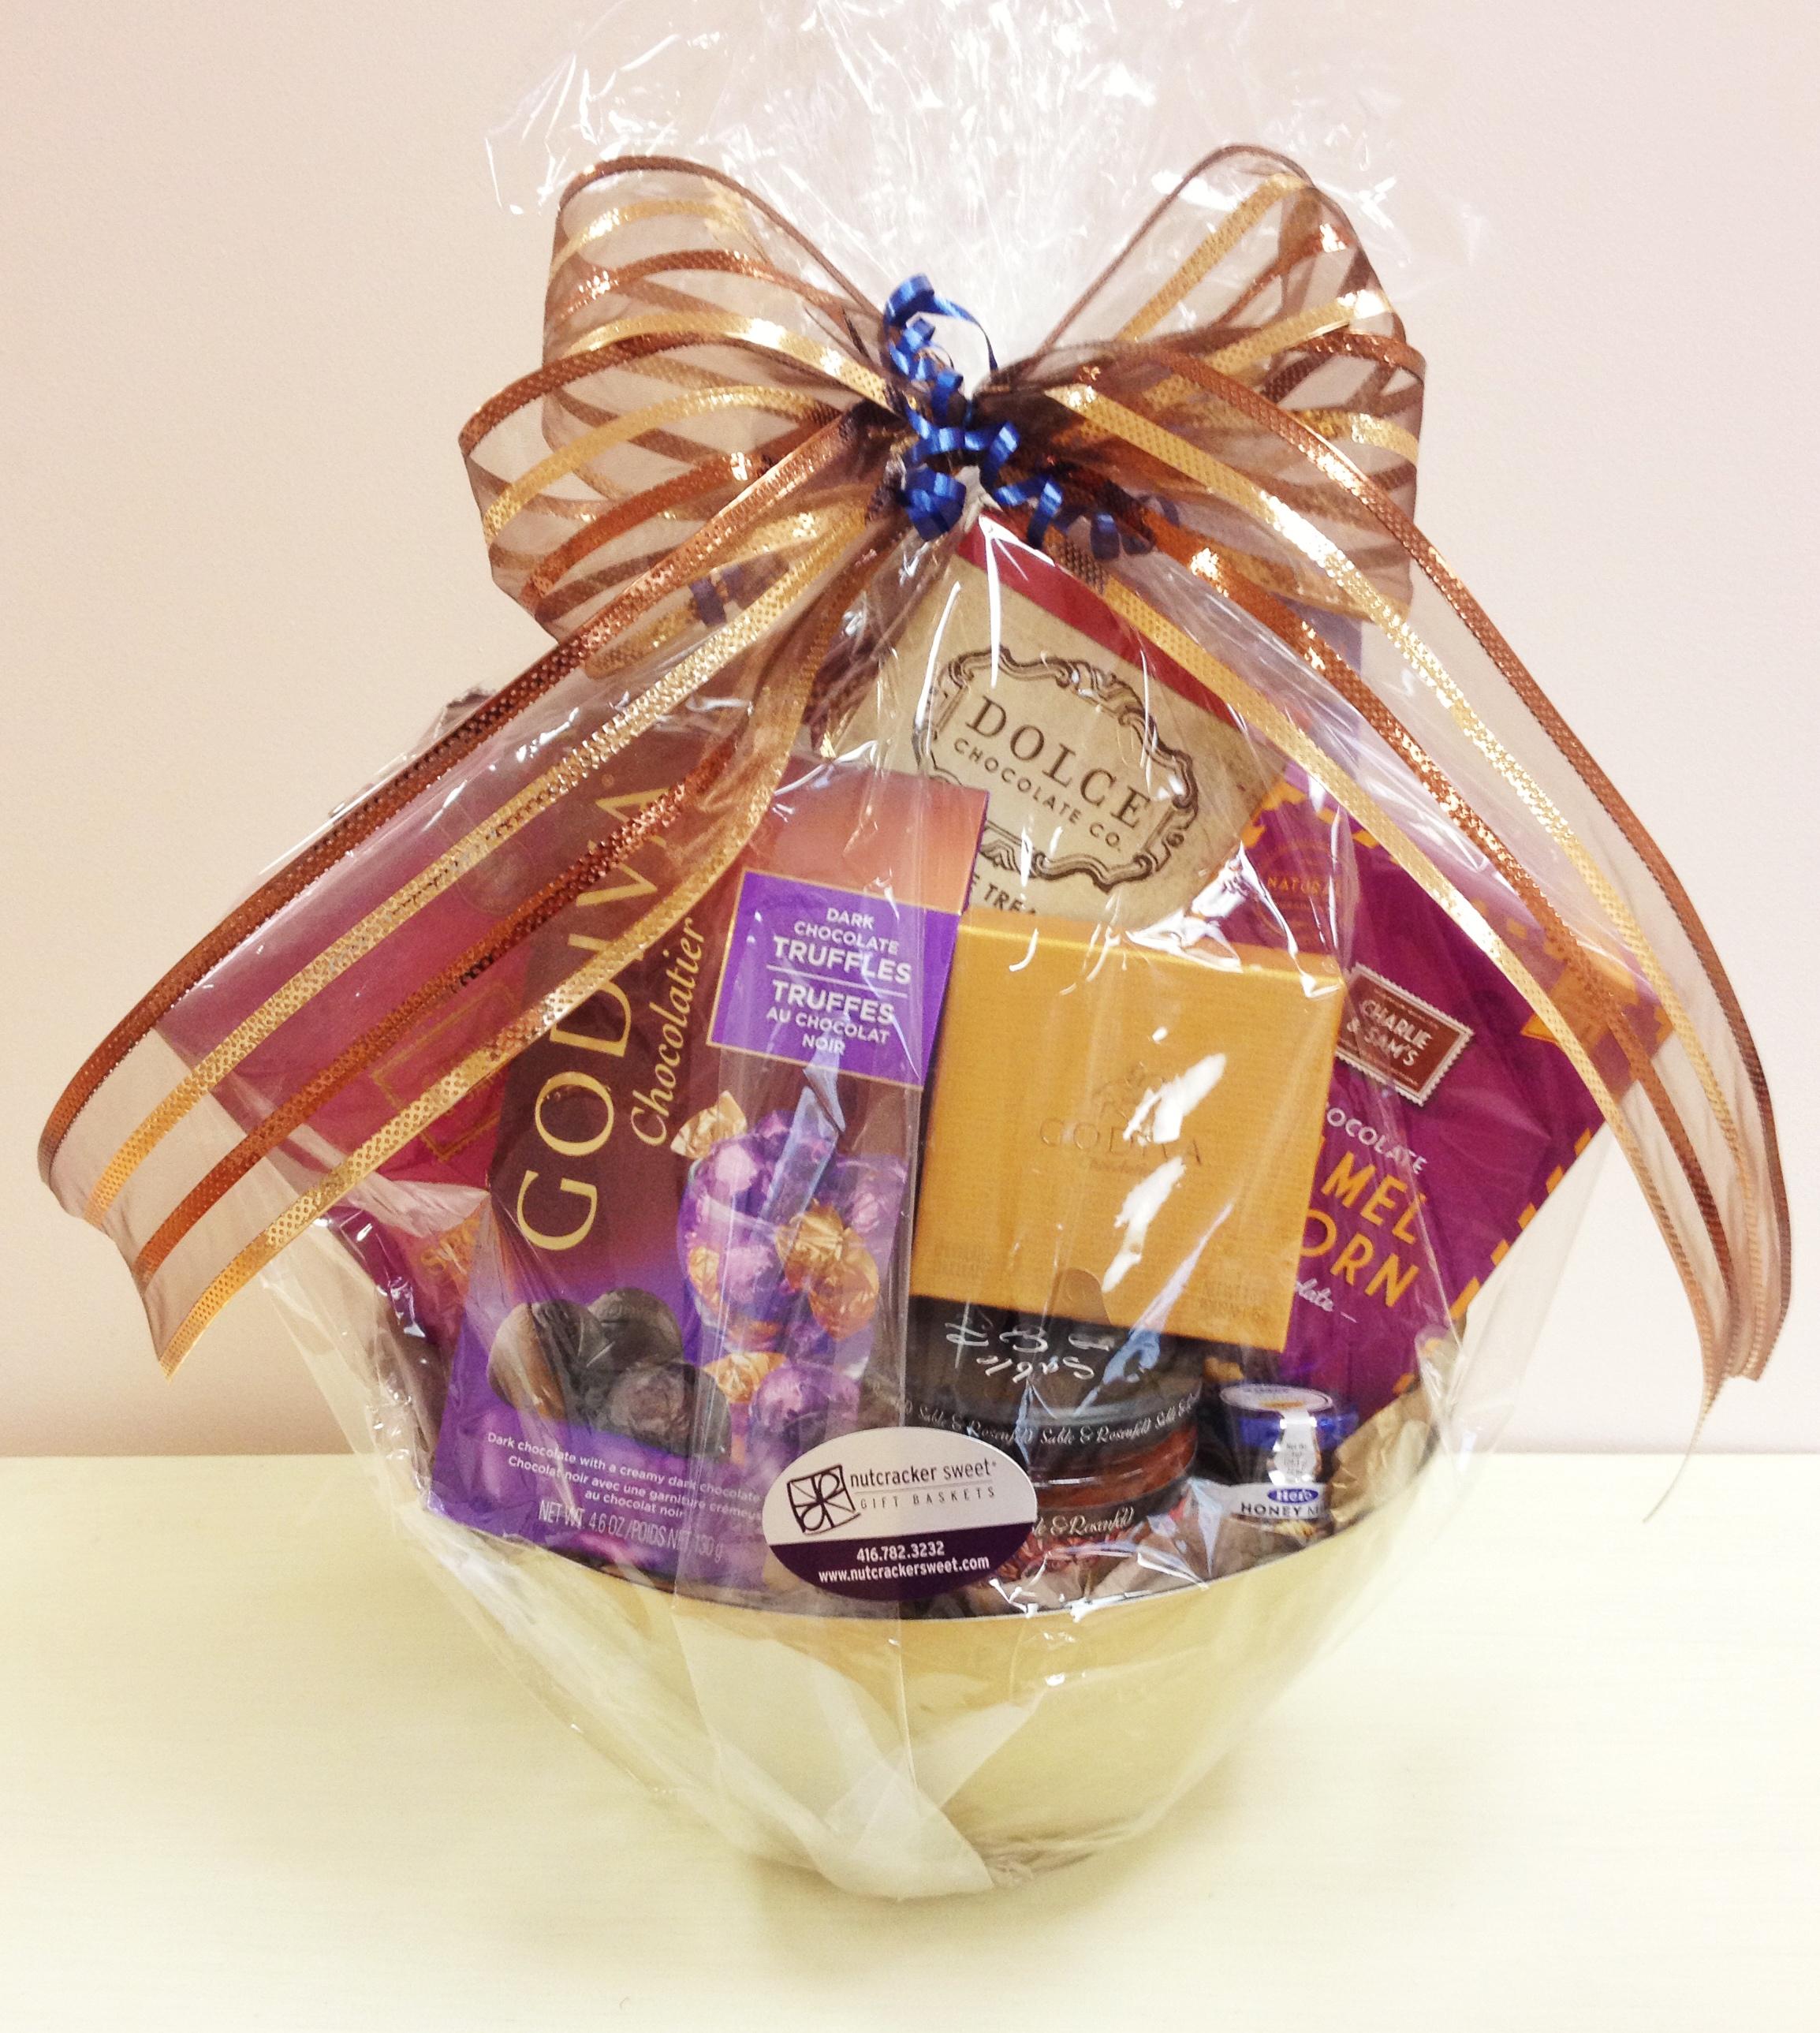 www.  nutcrackersweet  .com   Nutcracker Sweets Gift Basket $125 value